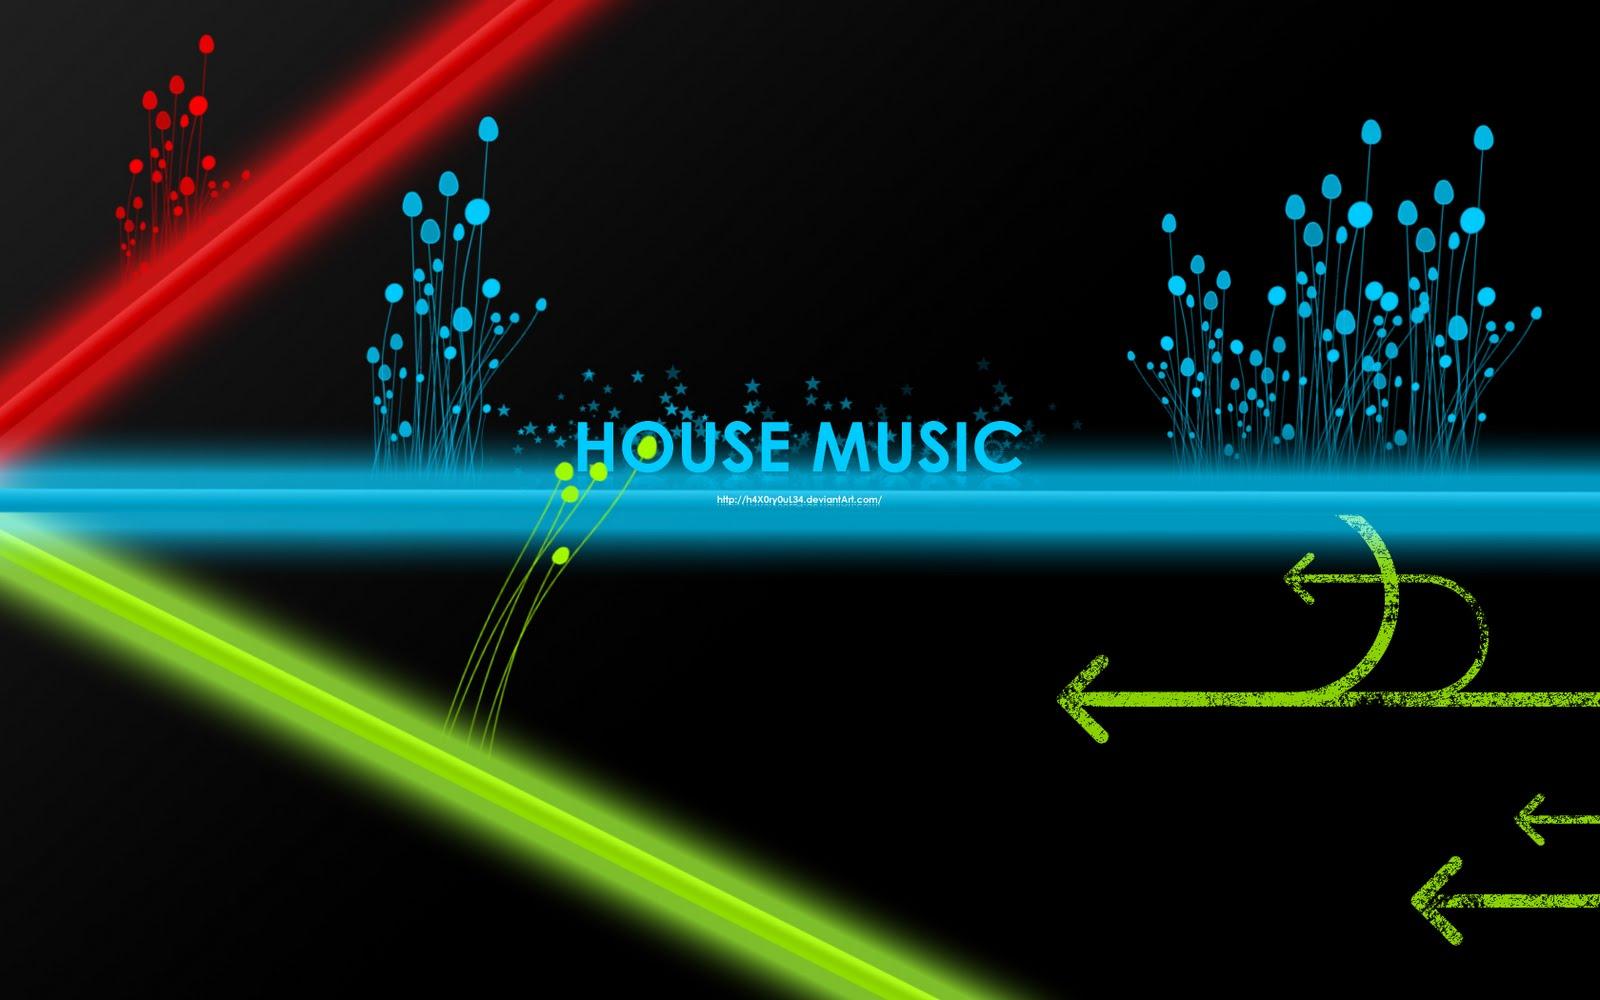 http://3.bp.blogspot.com/-GKjl9ySOAW8/TdfKD84FdfI/AAAAAAAAATM/paDCUFZ2cvA/s1600/House_Music_Wallpaper_.jpg